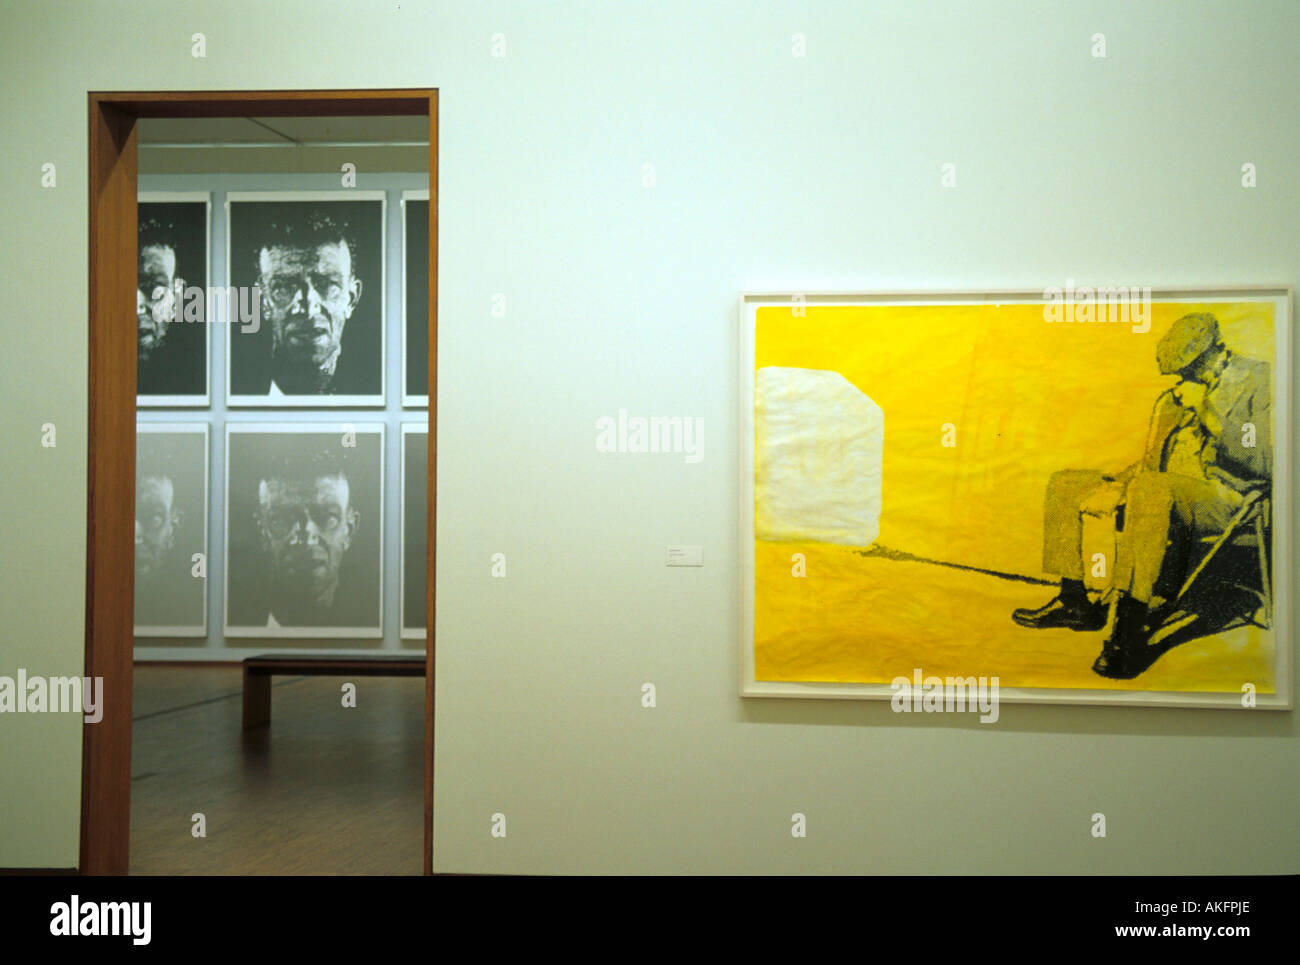 Österreich, Wien, Albertinaplatz, Palais Erzherzog Albrecht (Albertina), Sammlung  Moderne Kunst